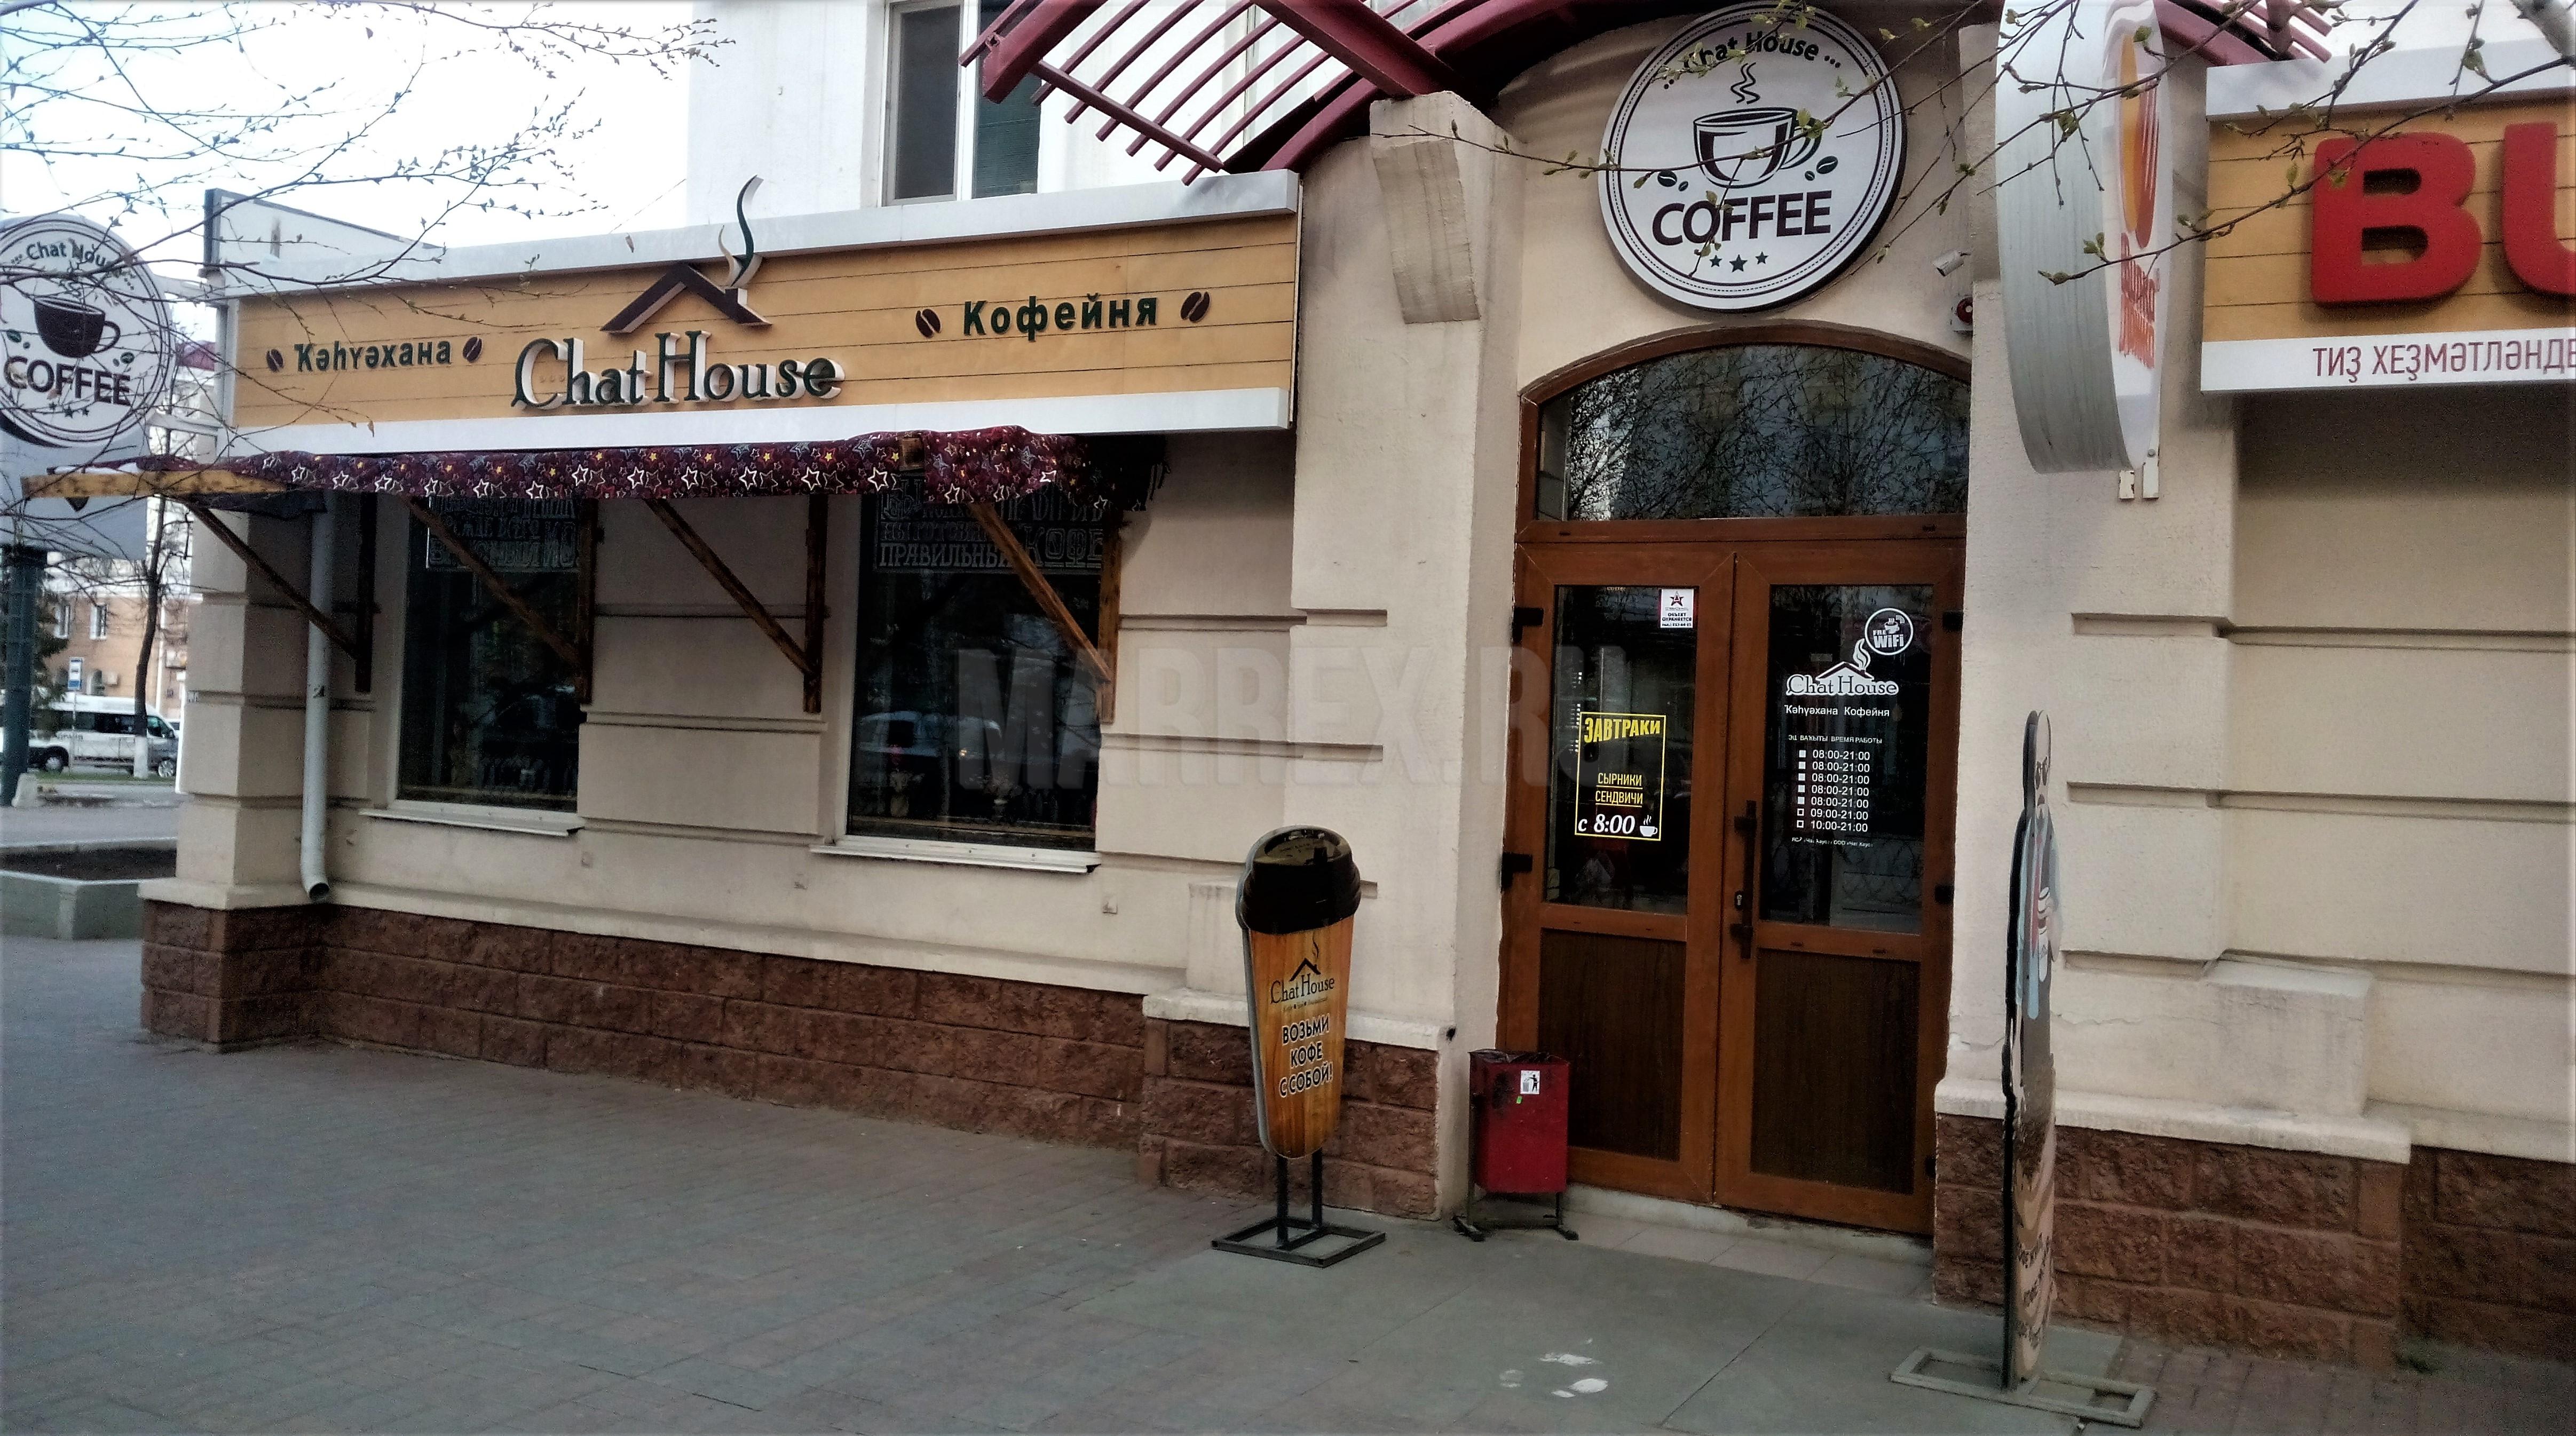 Где находится Кофейня Chat House